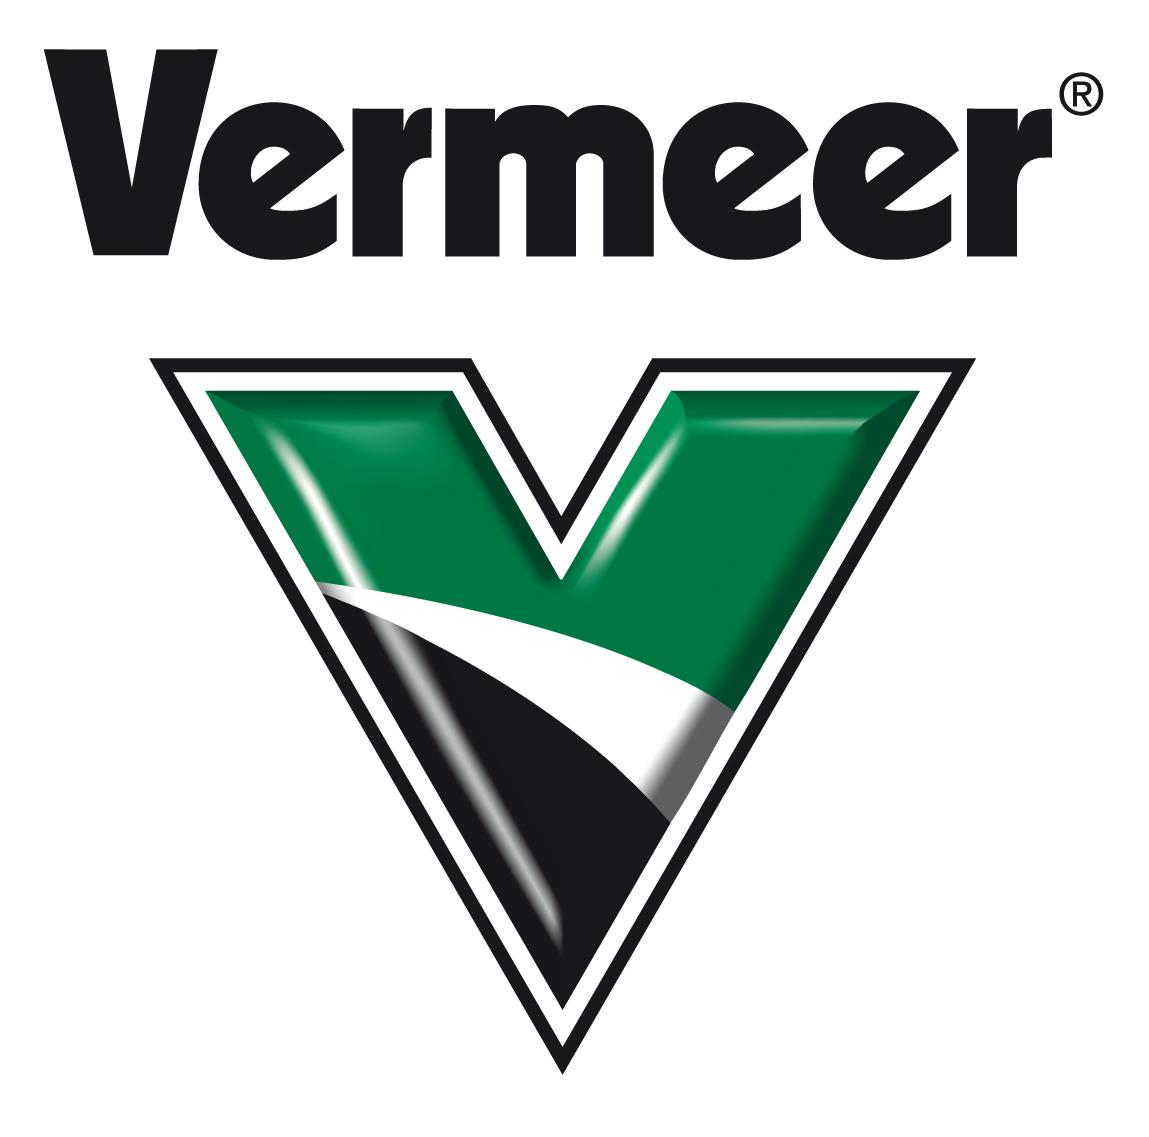 Vermeer_logo